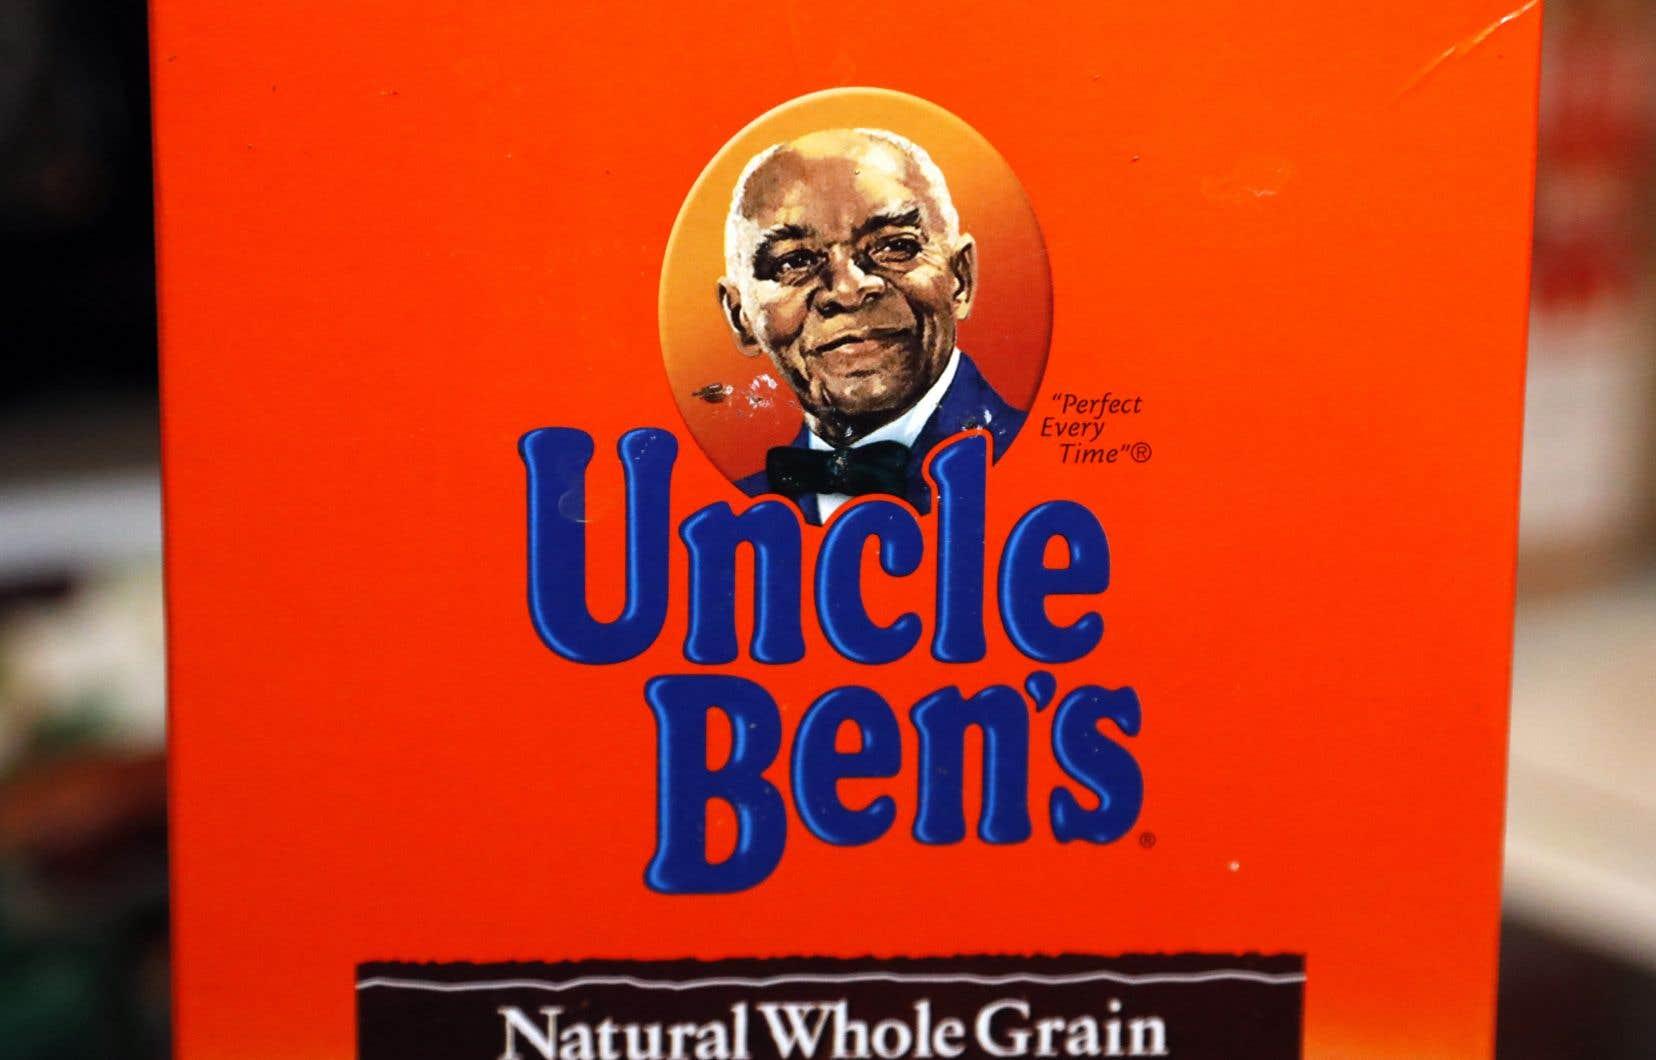 Les connotations raciales de la marque Uncle Ben's avaient posé problème ces derniers mois.